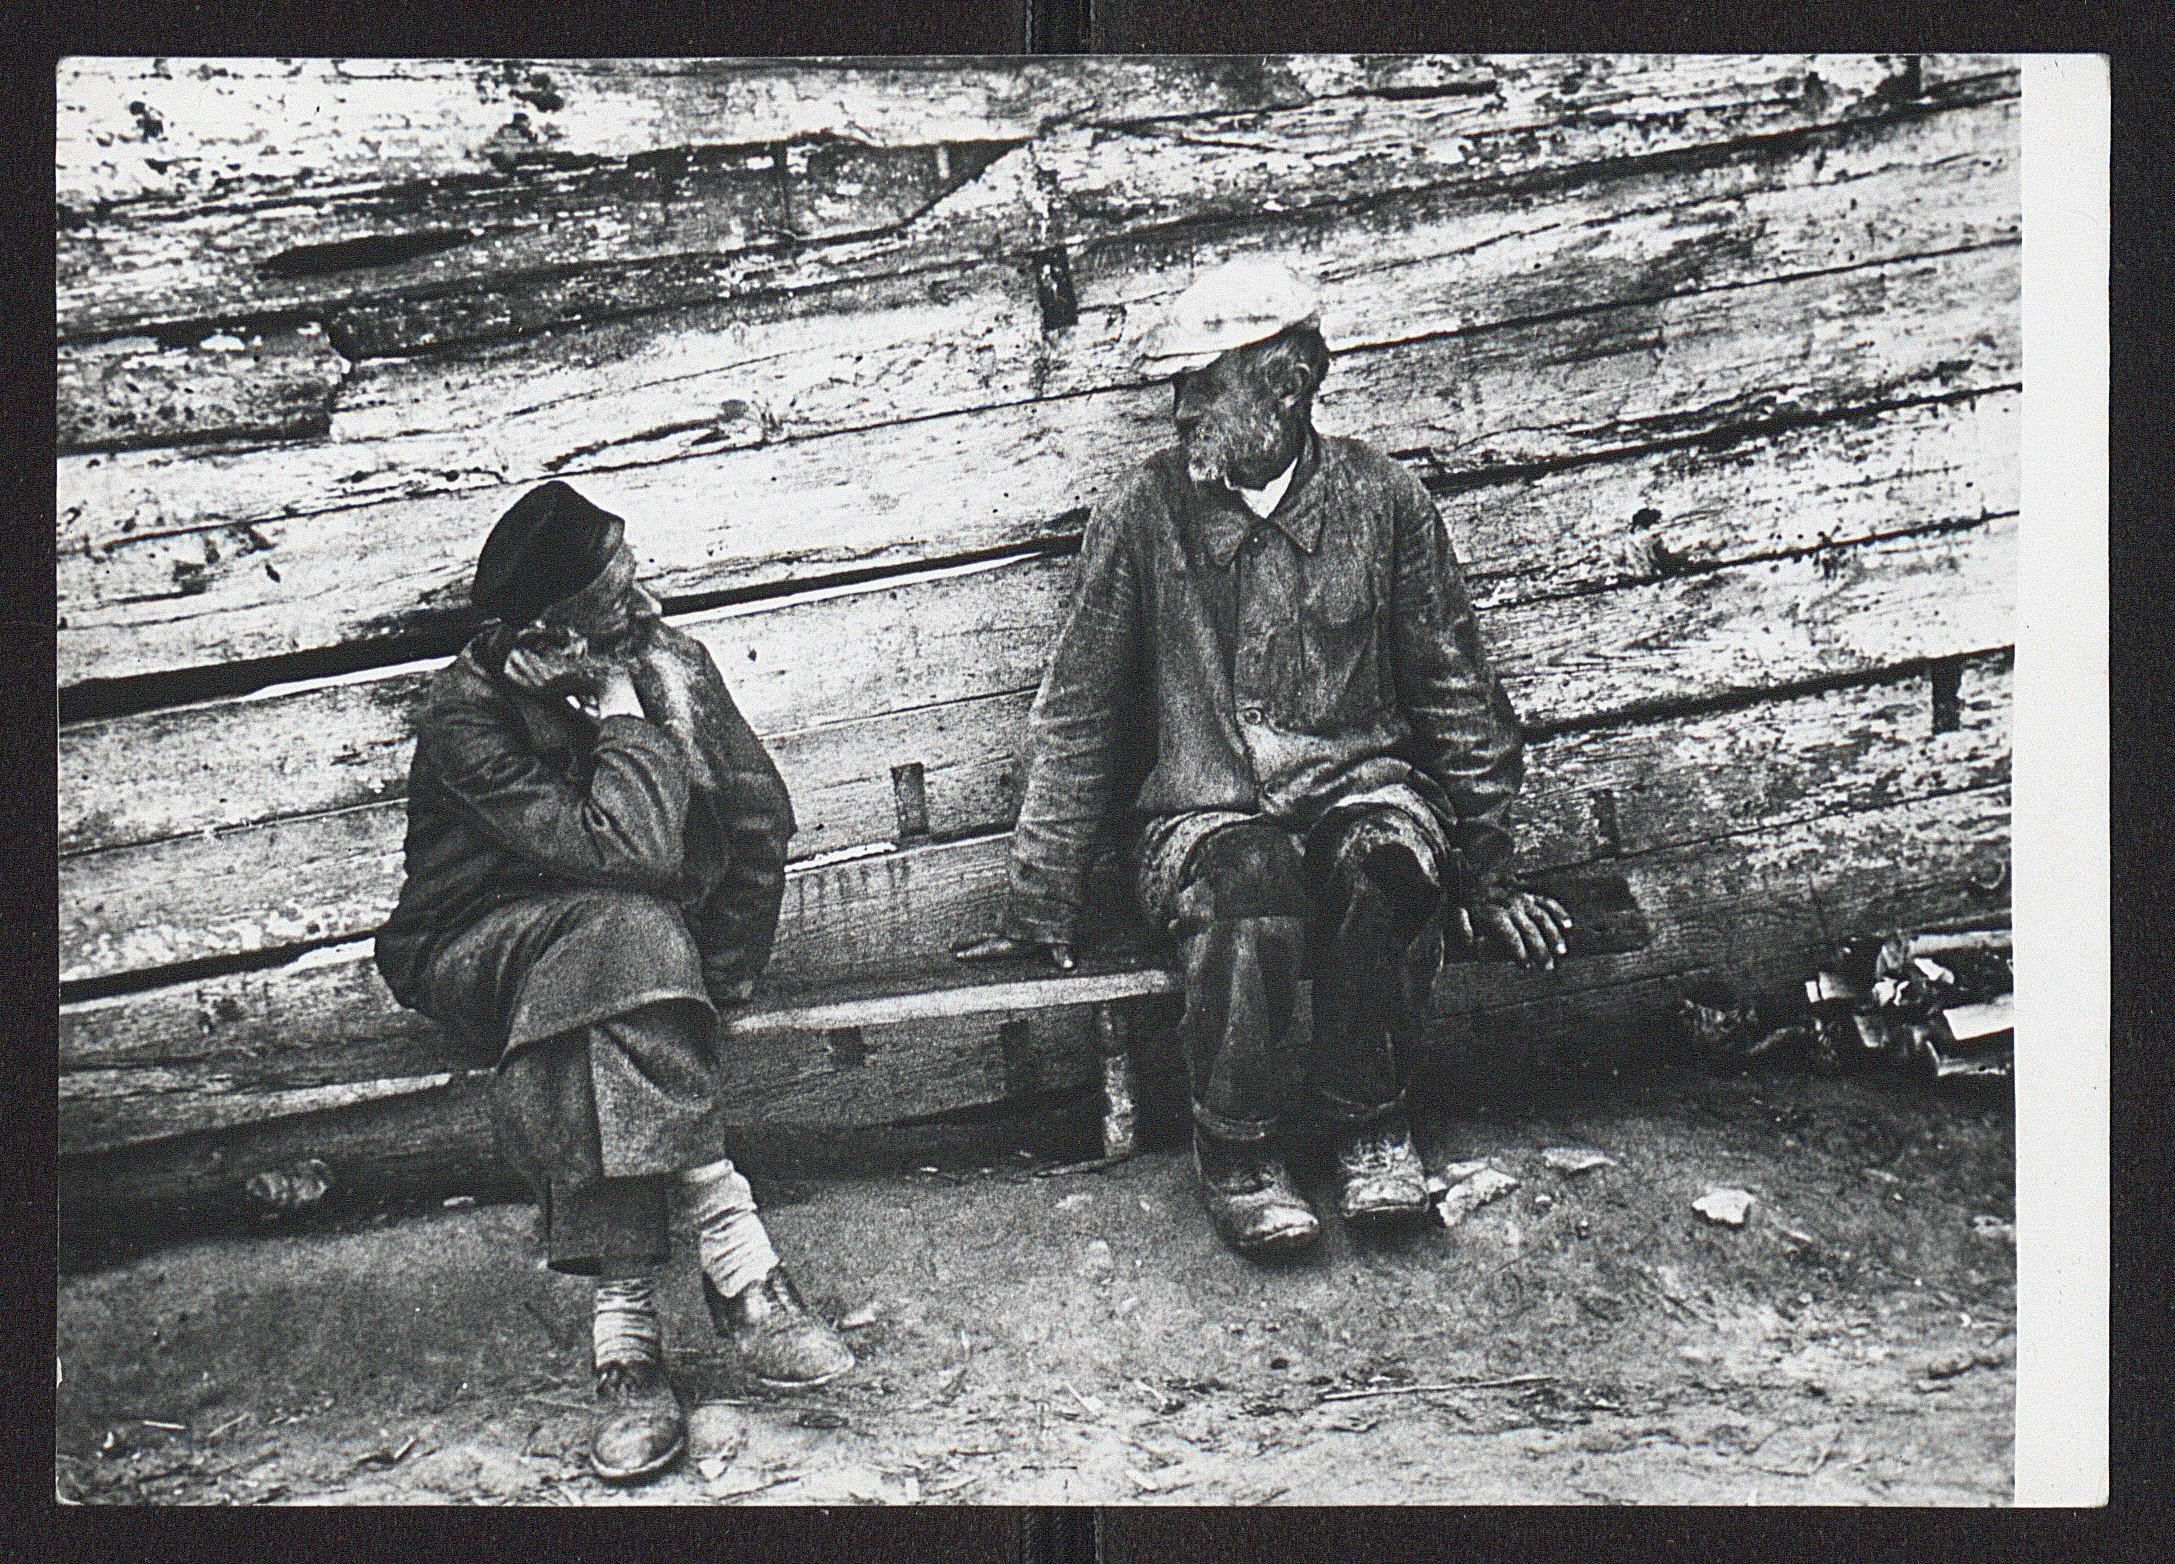 Бенедикт Ежи Дорыс, «Казимеж над Вислой. Разговор V», фото: Национальная библиотека; права: Людвик Добжинский